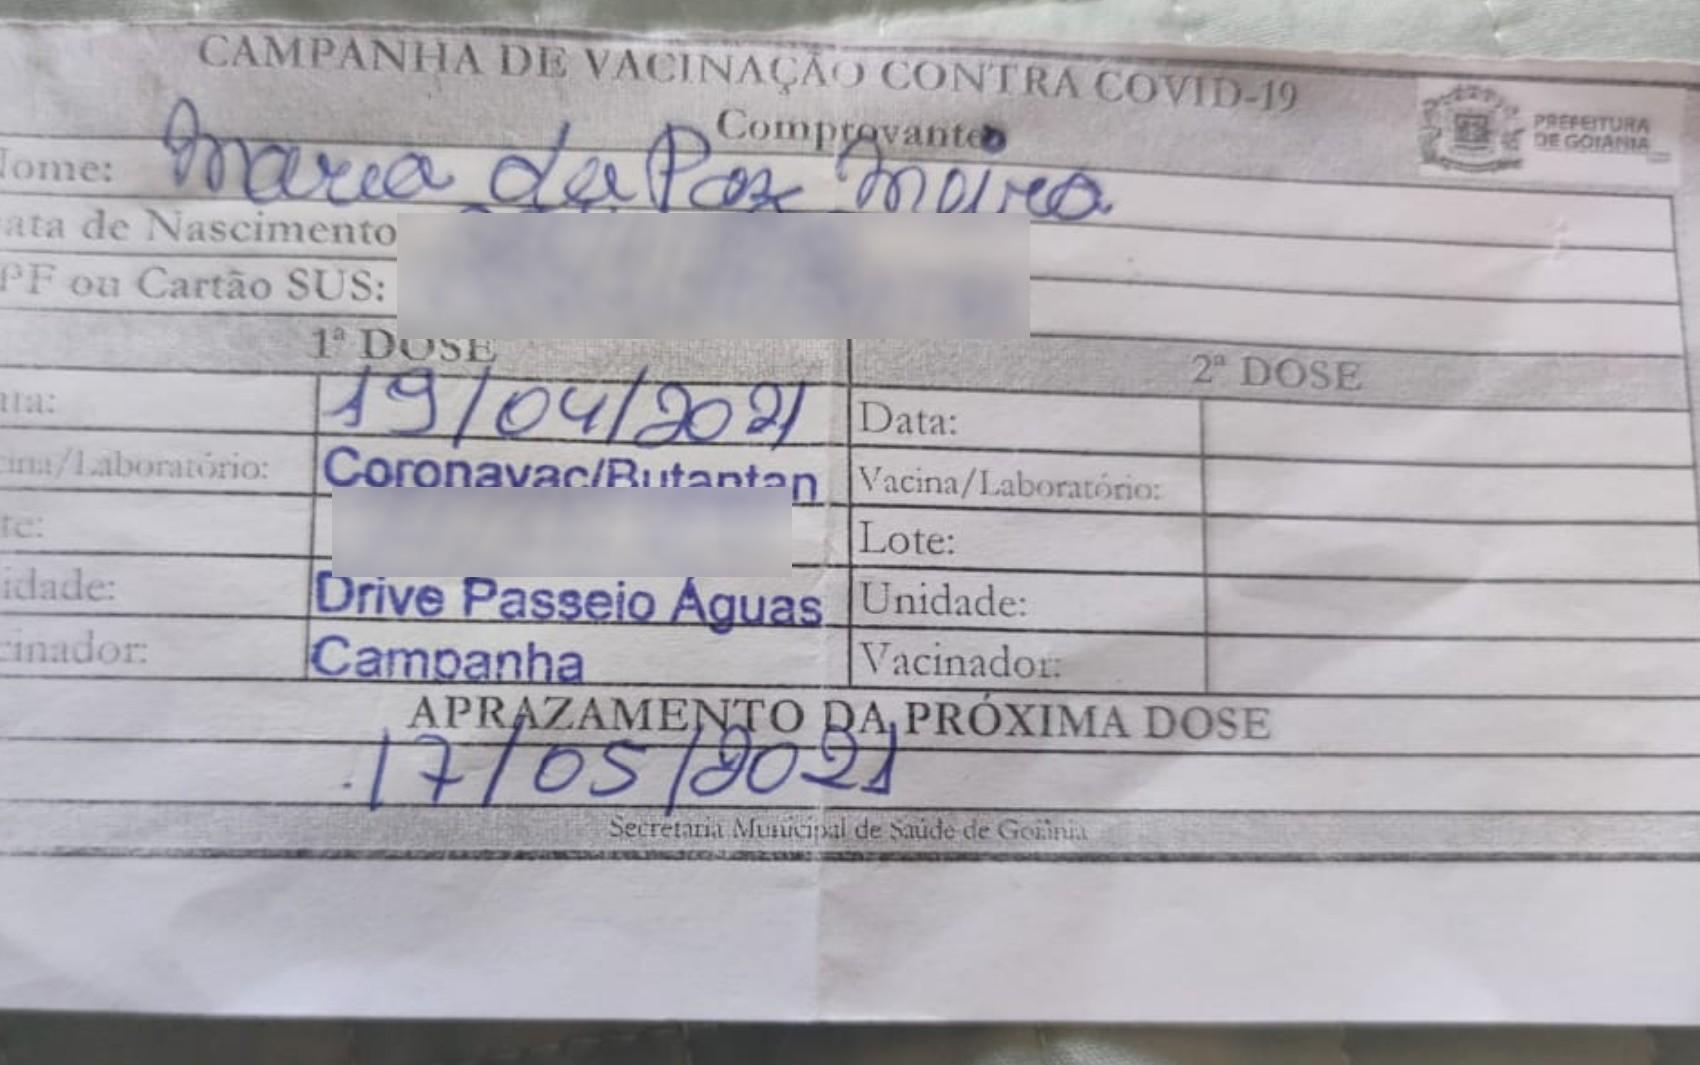 Idosa recebe vacina contra gripe no lugar da segunda dose da CoronaVac, em Goiânia